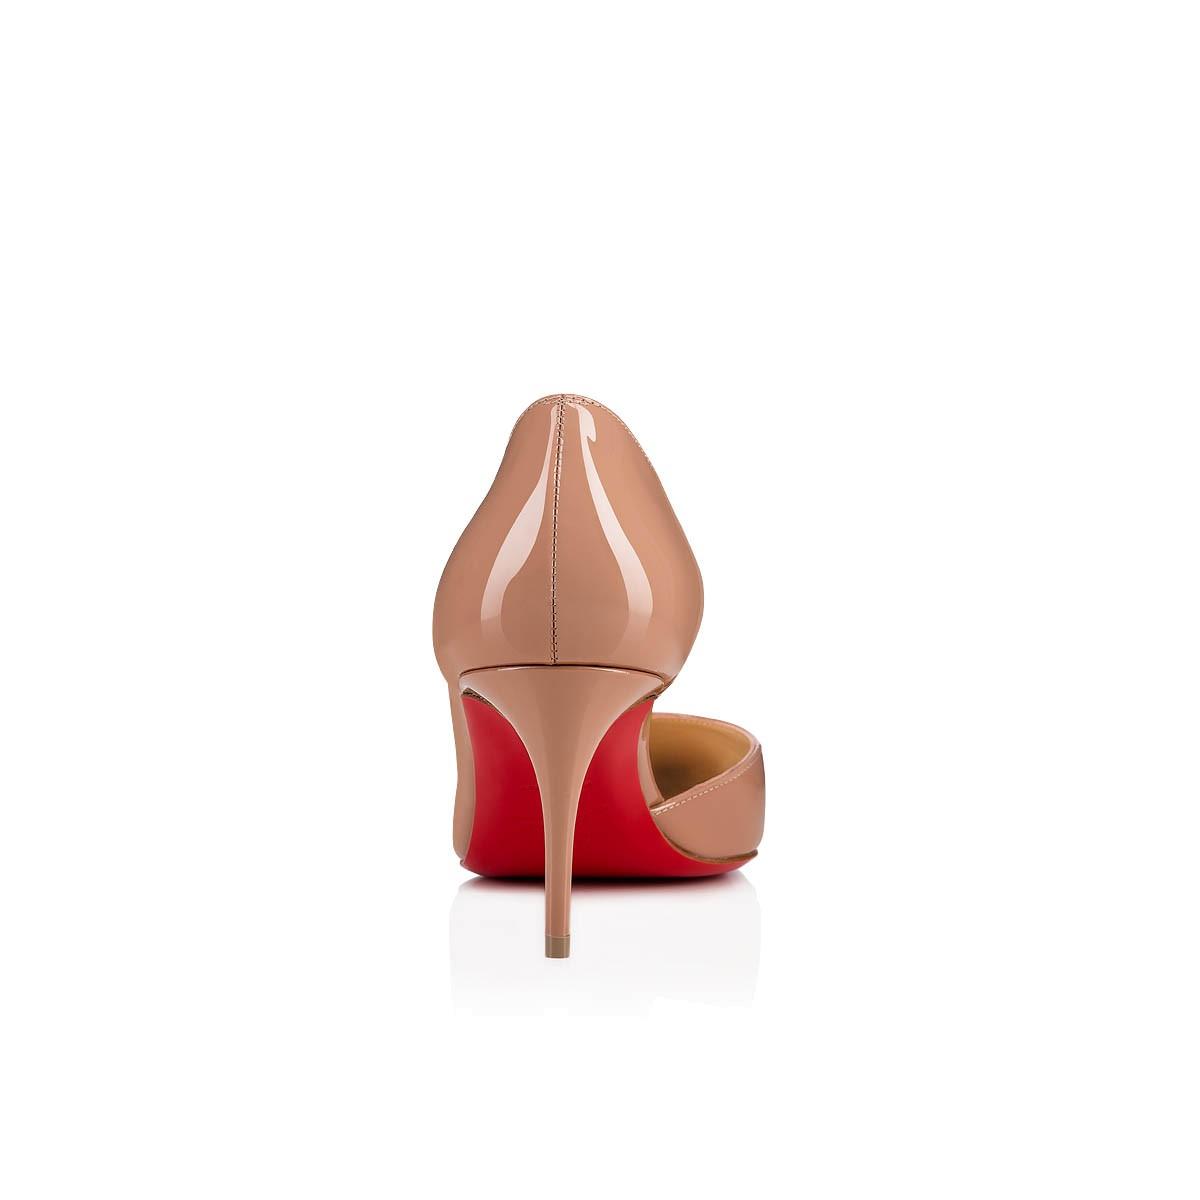 cheap for discount 32011 1a946 IRIZA 70 Nude Patent Calfskin - Women Shoes - Christian Louboutin